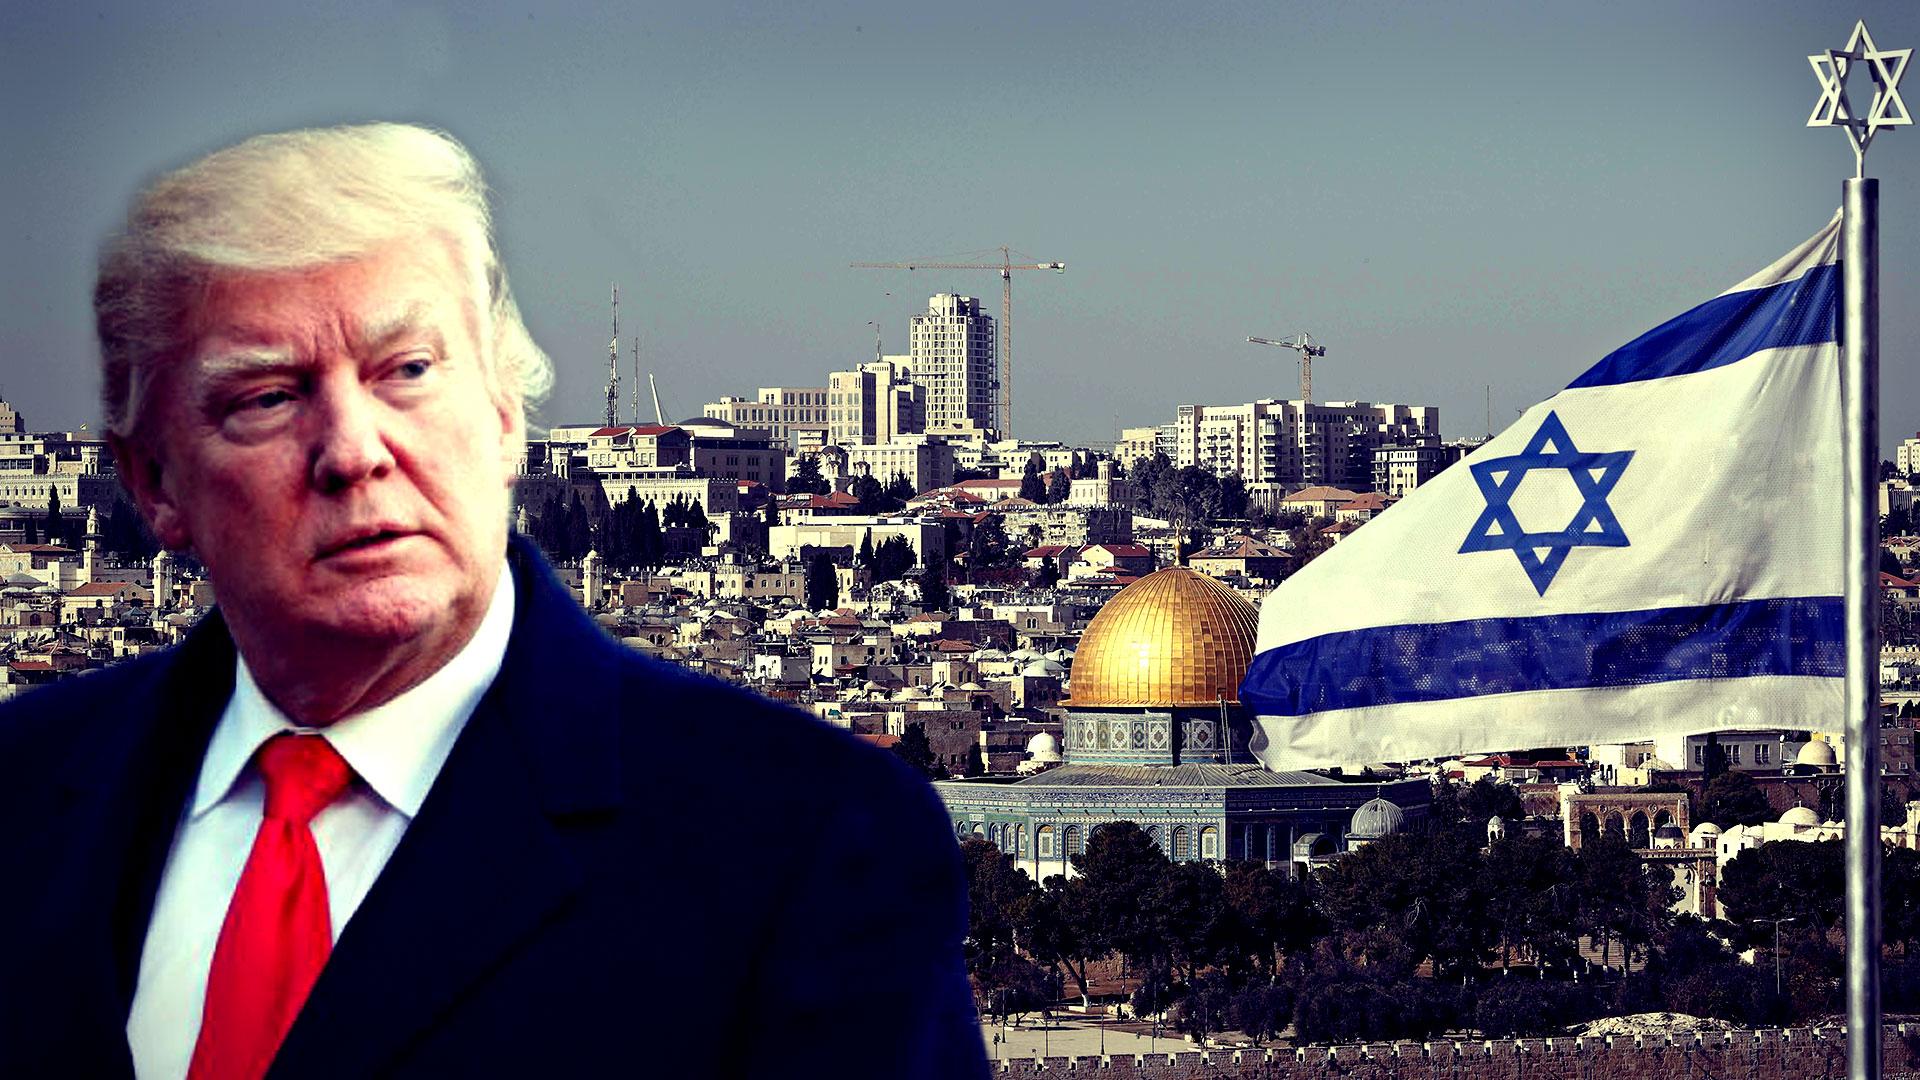 La decisión de Donald Trumop con respecto a Jerusalén trajo cierta unión a un mundo musulmán profundamente dividido